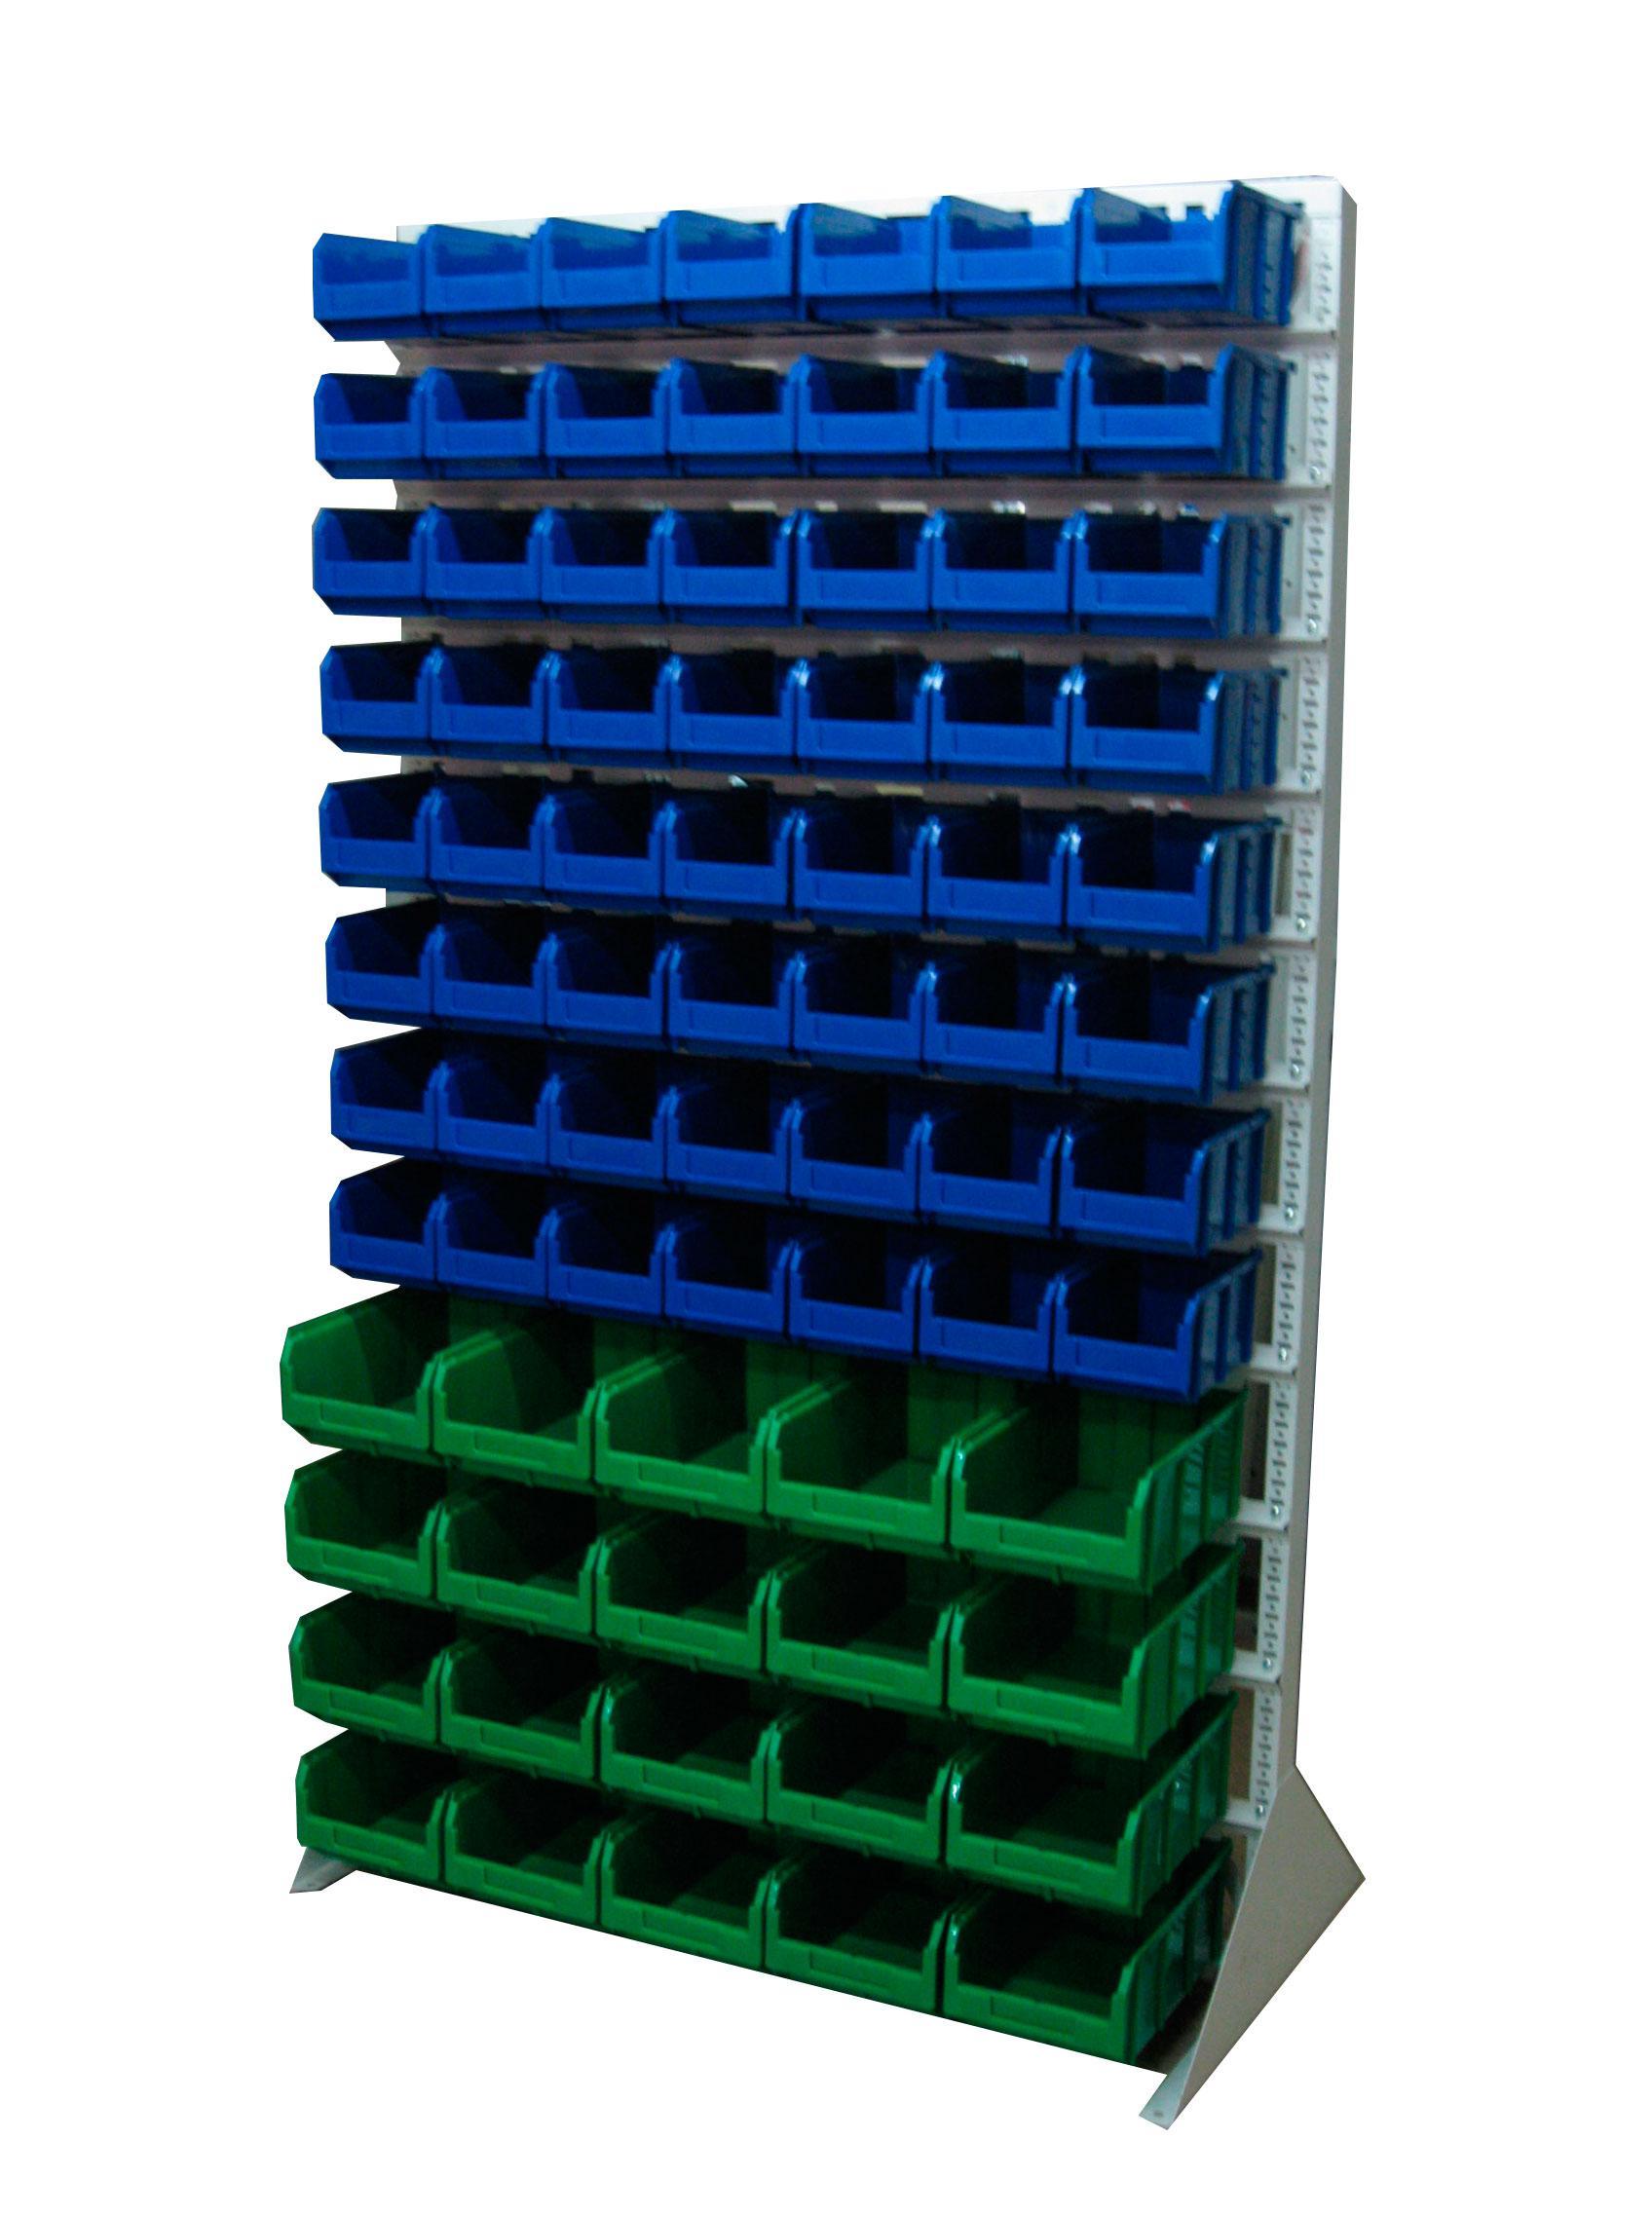 Стойка СТЕЛЛА В1-00-08-04 синий /зеленый